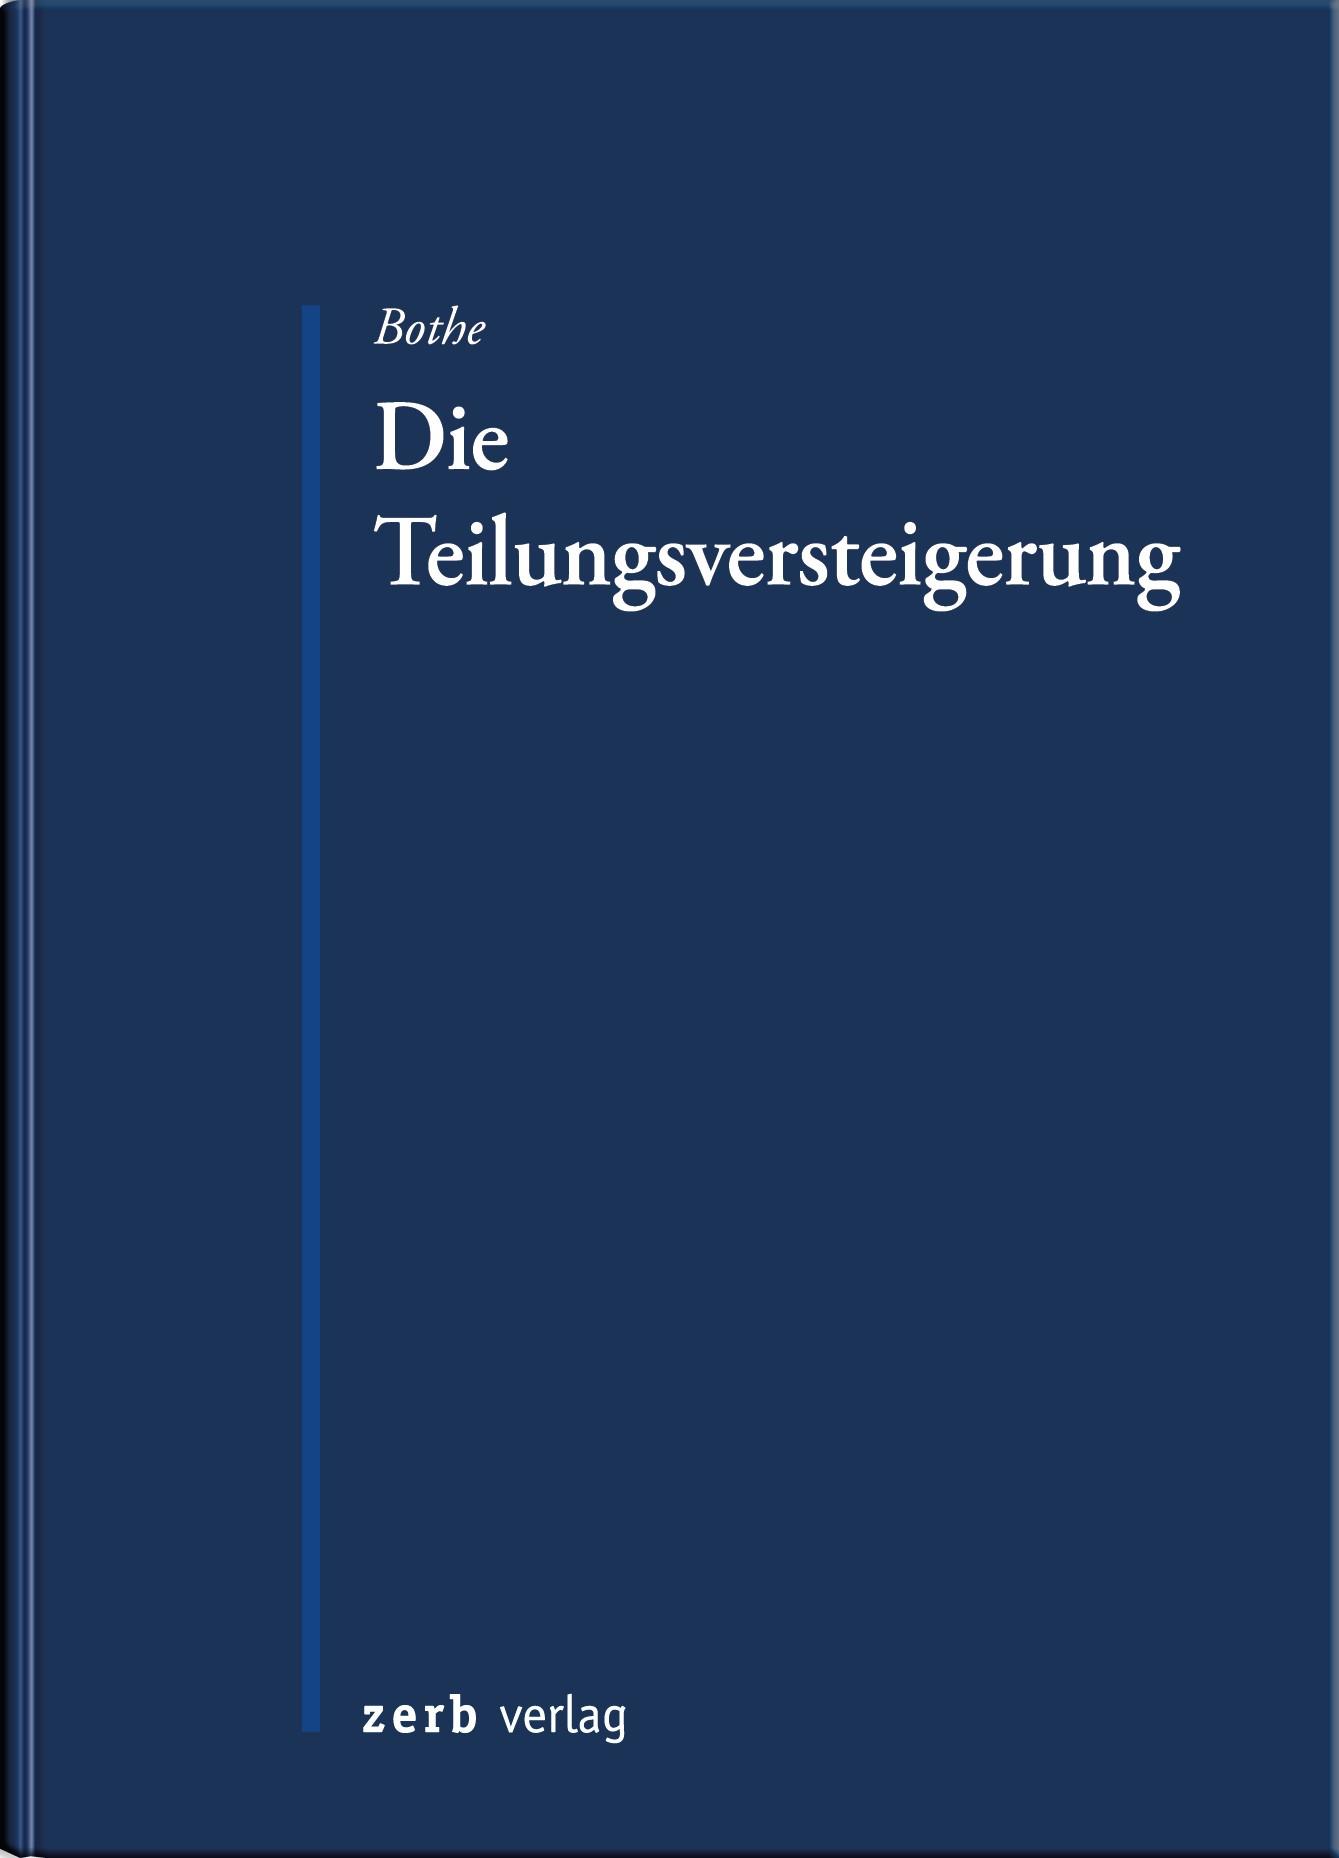 Die Teilungsversteigerung | Bothe, 2016 | Buch (Cover)